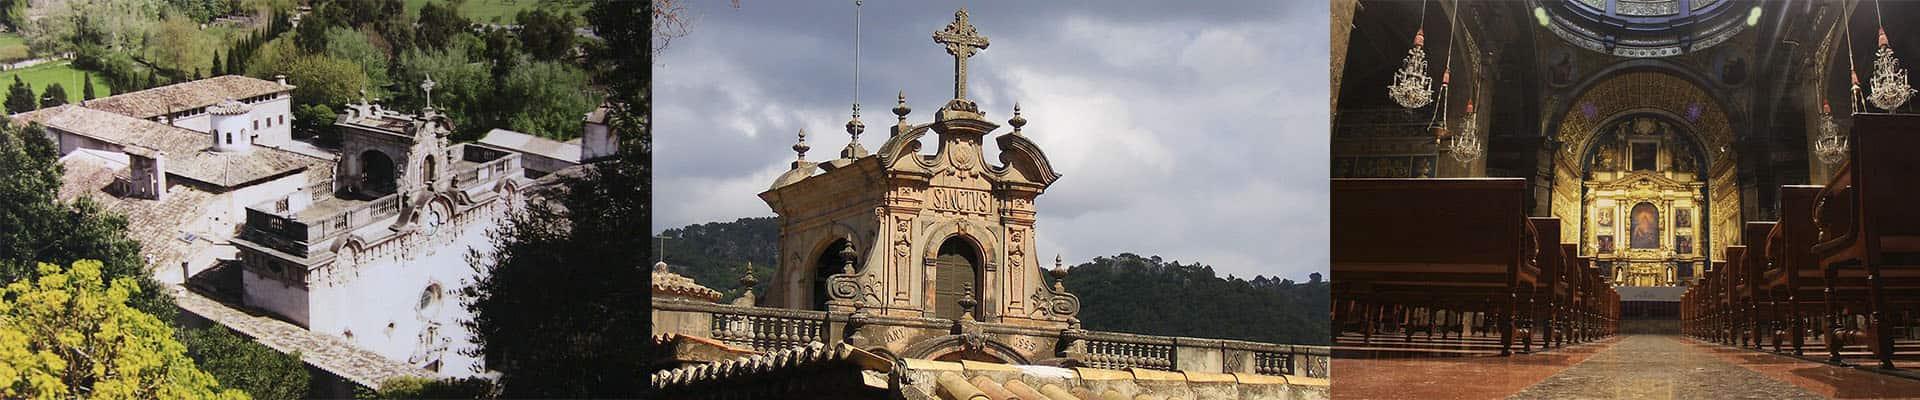 Фото монастырь Льюк на Майорке в горах